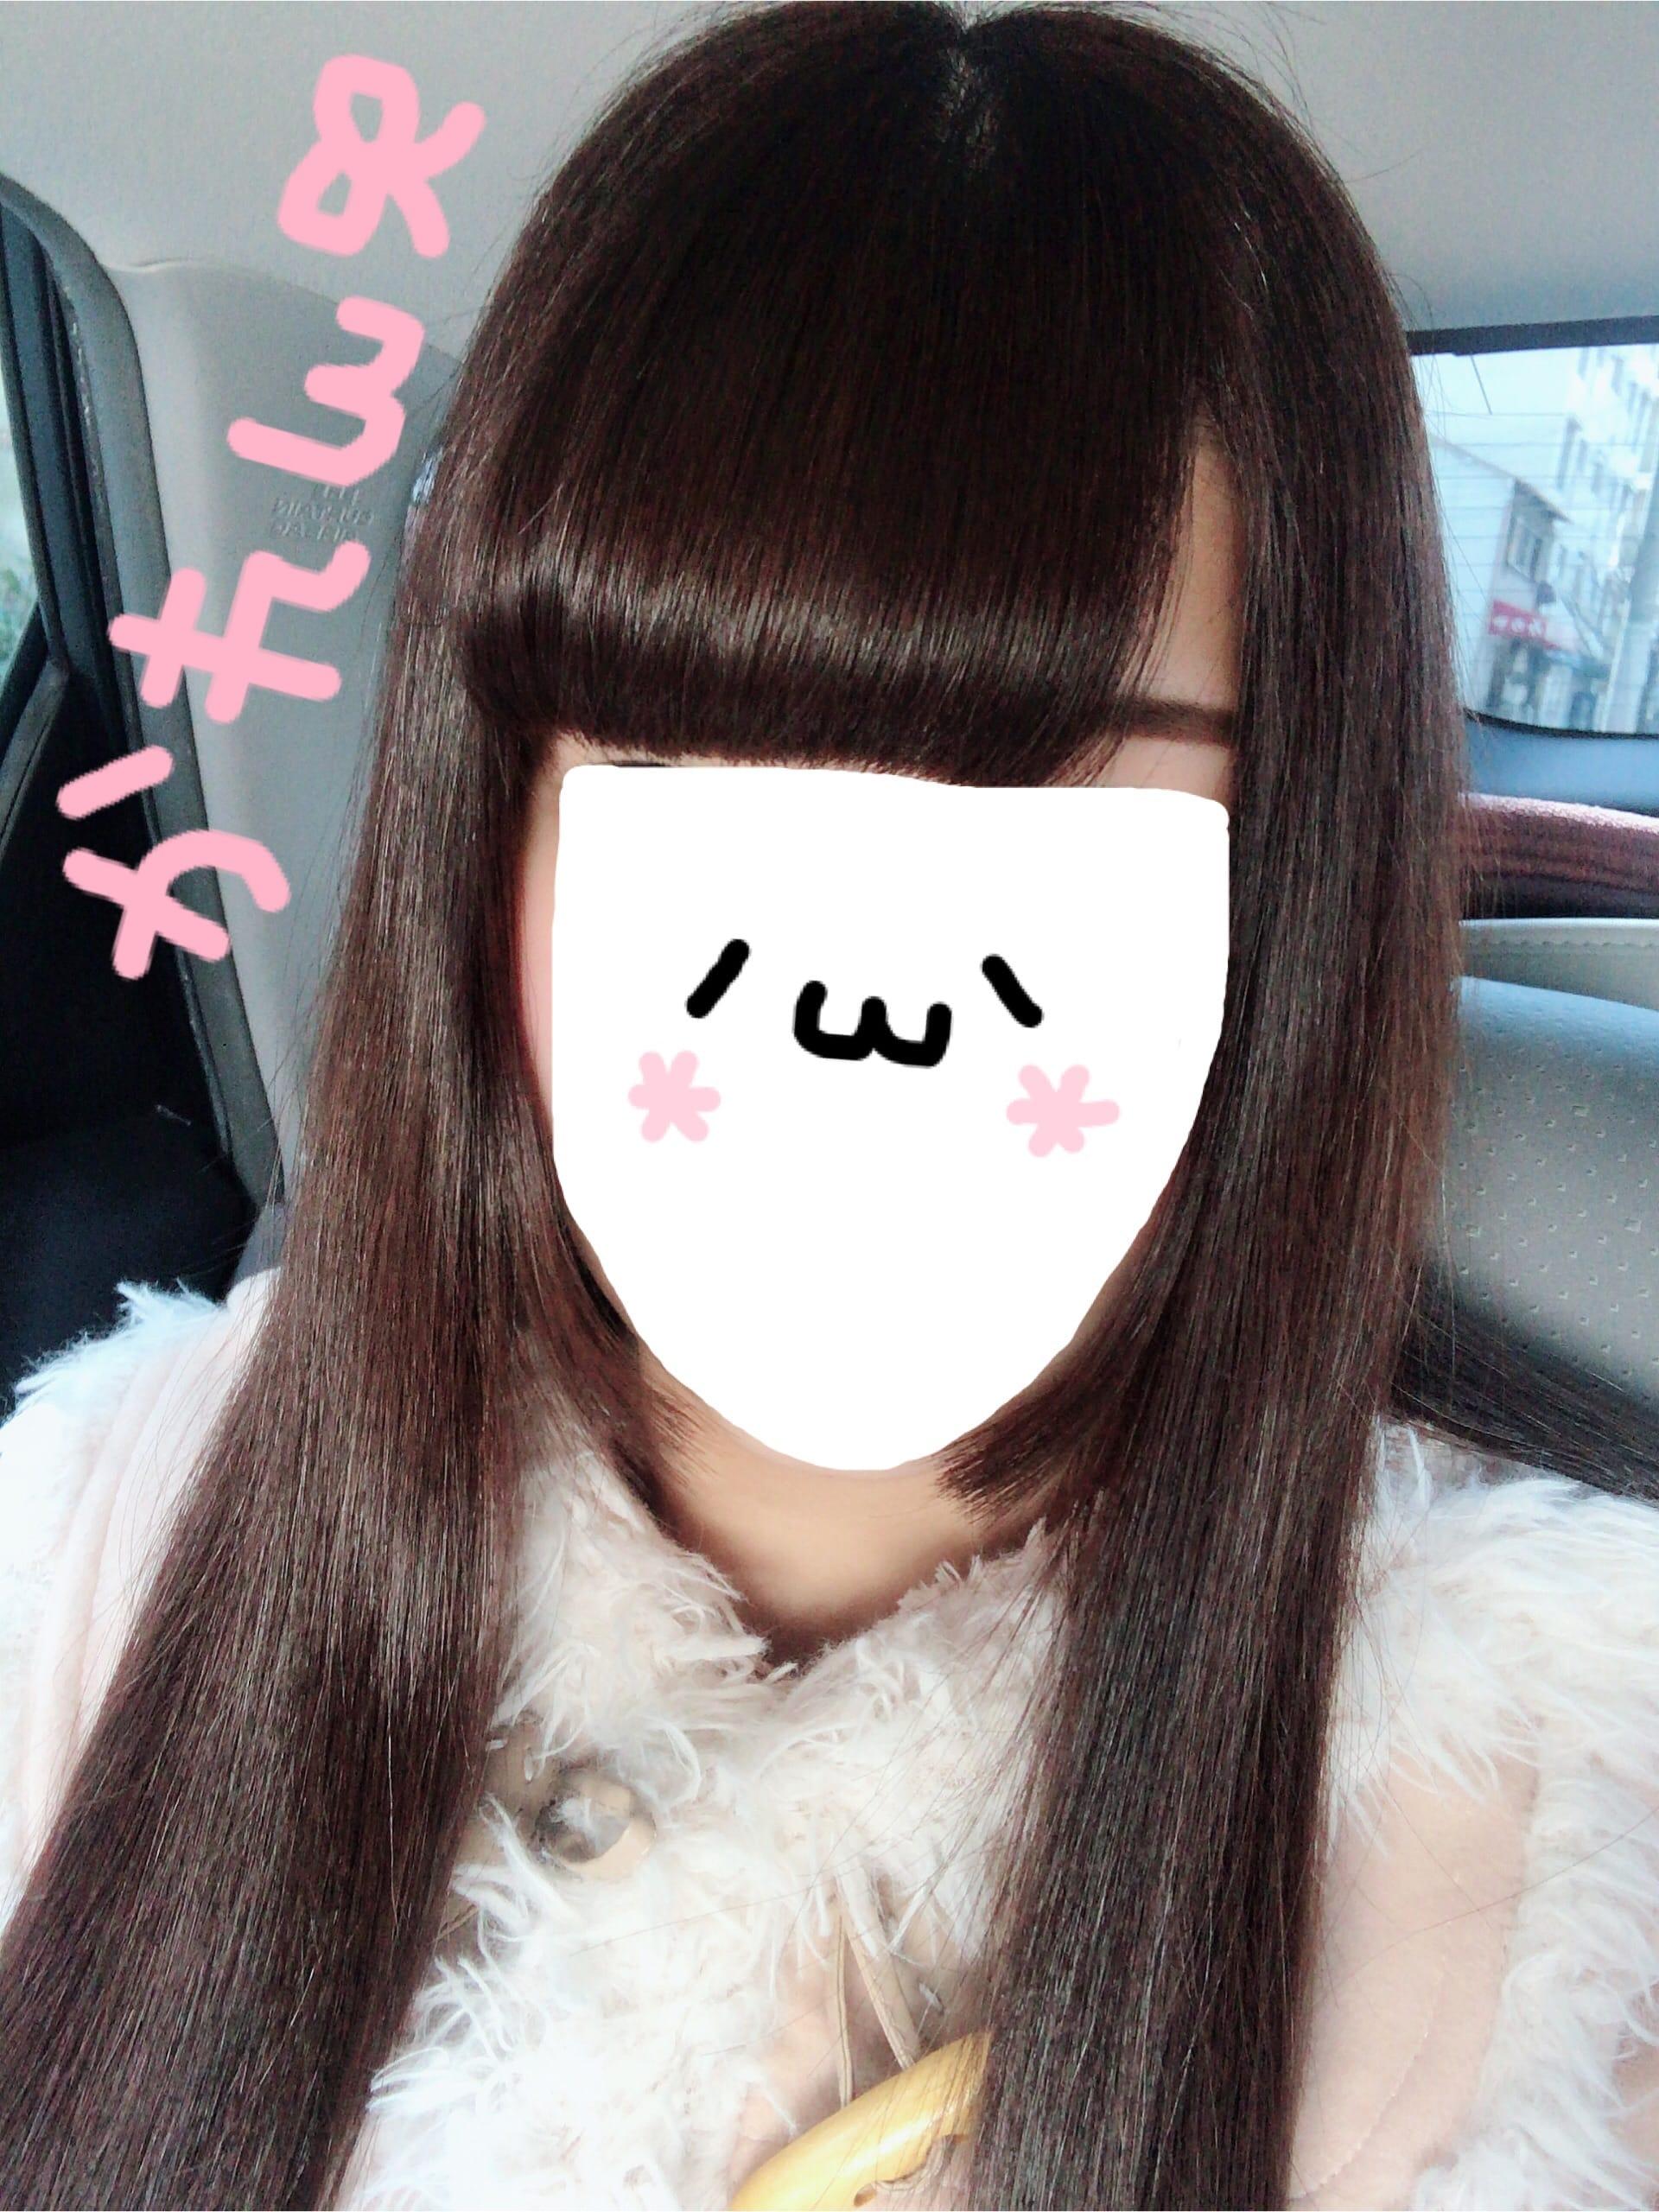 「* おはよう」03/10(03/10) 10:07   かれんの写メ・風俗動画